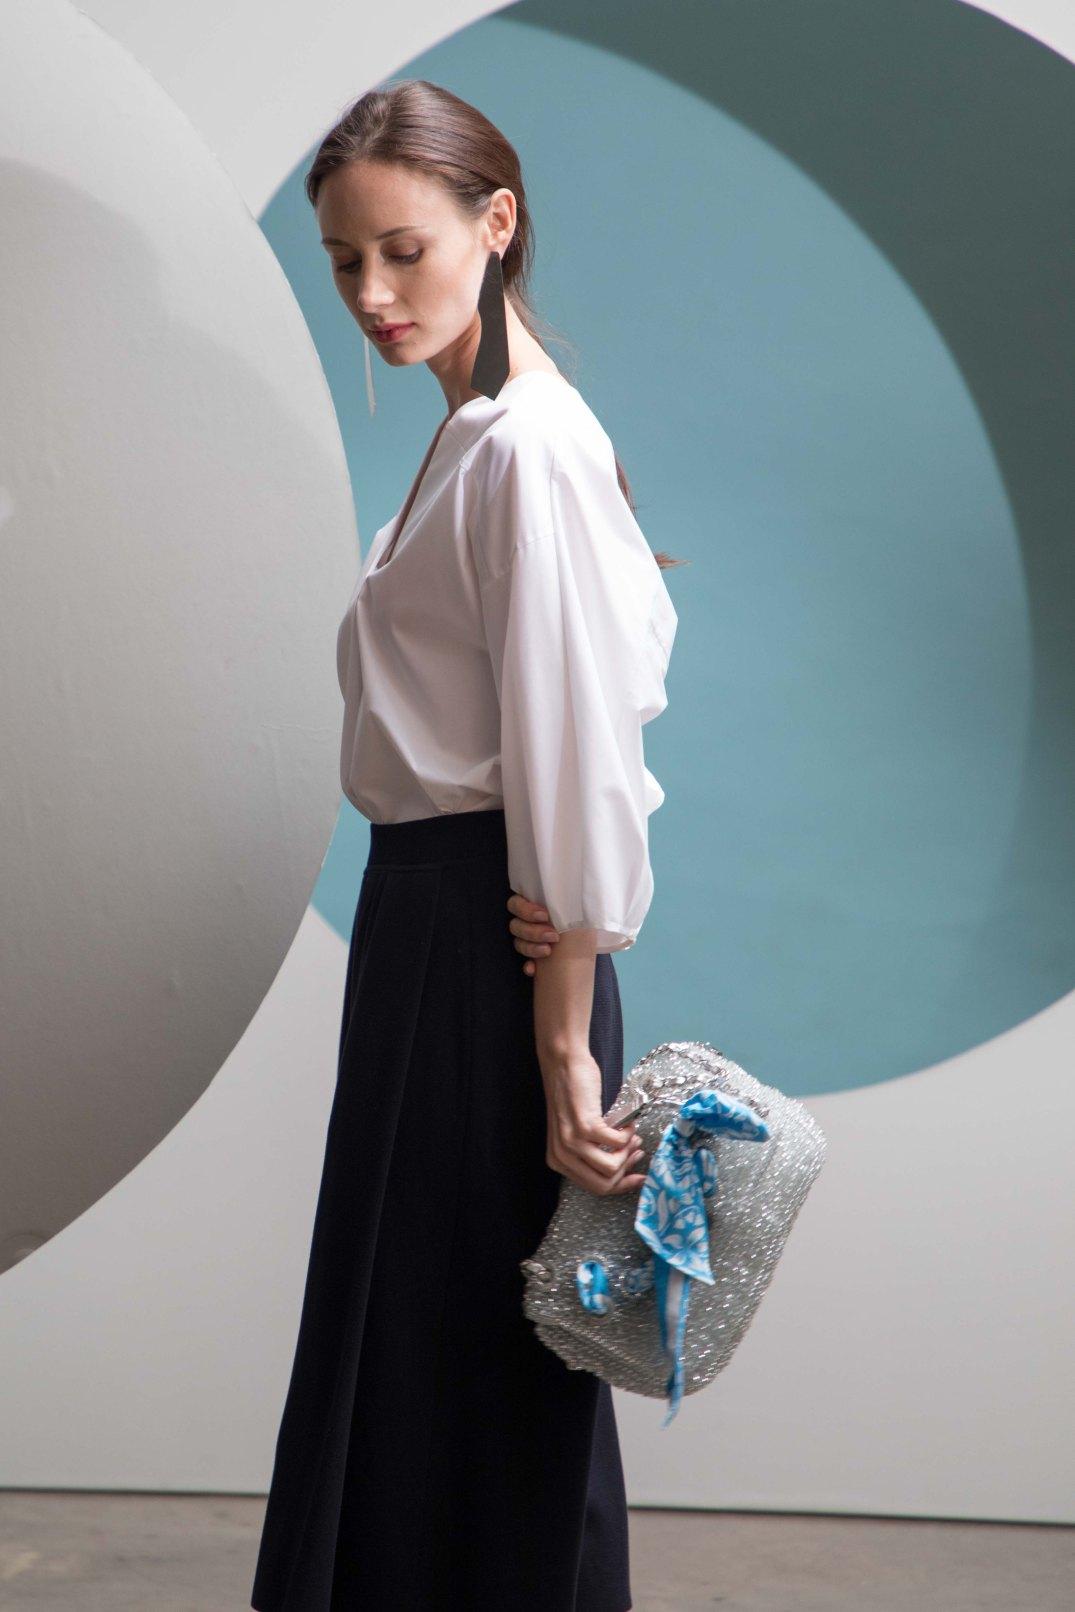 時裝服裝攝影 fashion Photography paulstylist-102